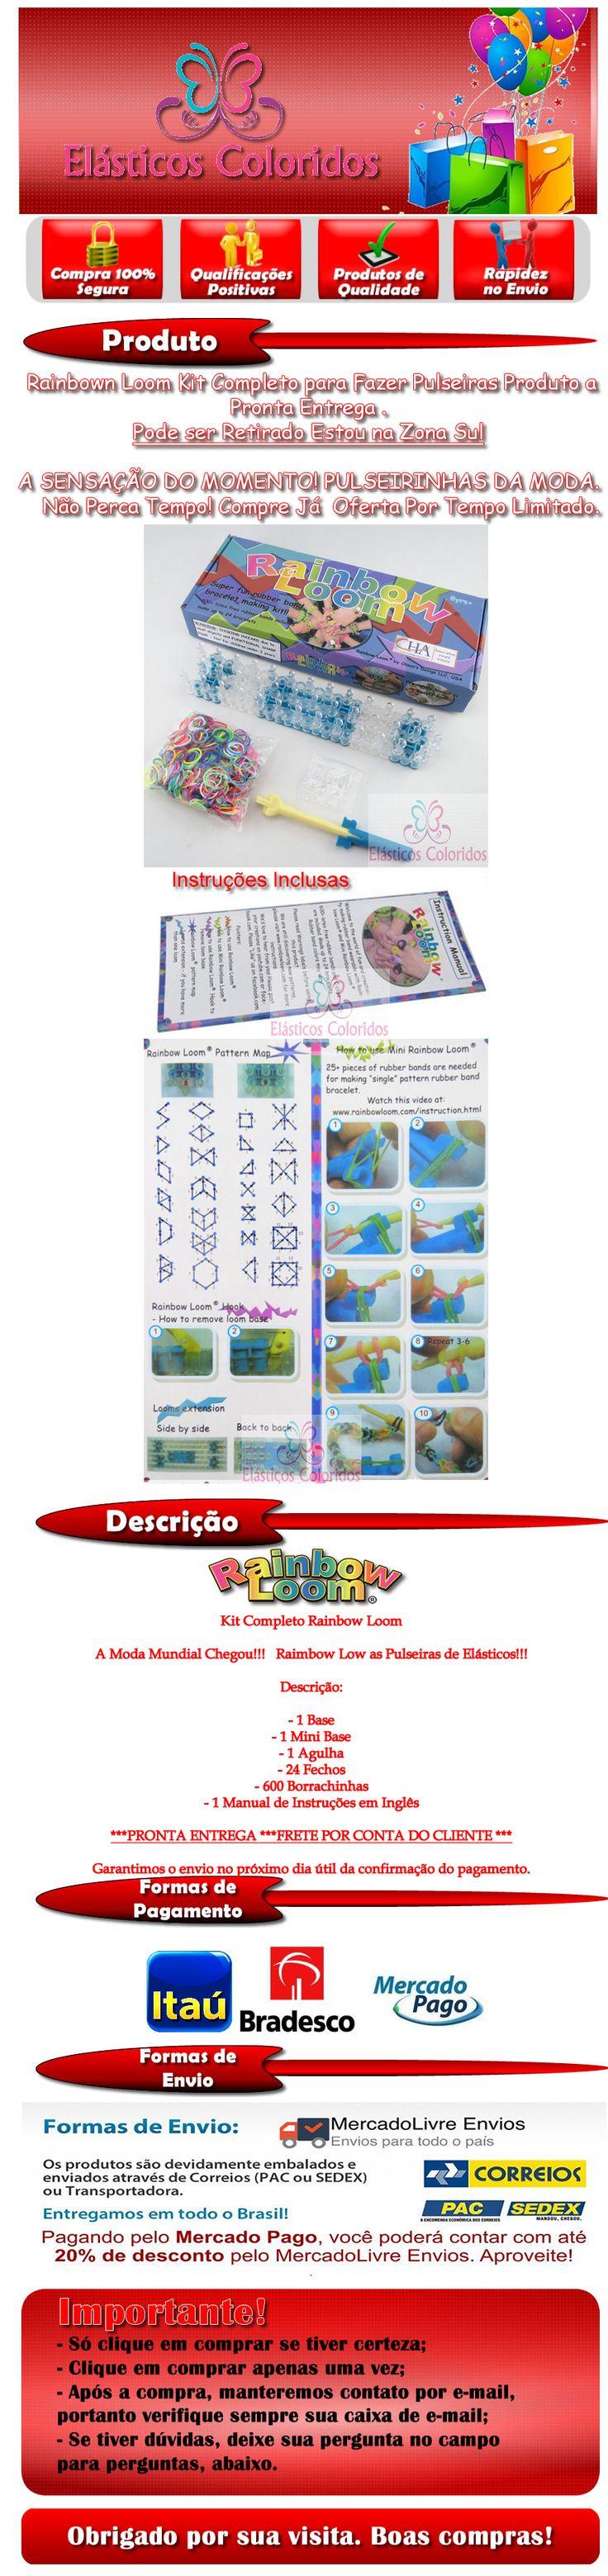 http://www.elasticoscoloridos.com.br- https://www.facebook.com/pages/El%C3%A1sticos-Coloridos/844302925622086- COMO HACER UN MINION DE GOMITAS- VIDEO TUTORIAL DIY FIGURA (CHARM)- Rainbow Loom - Pulseira de Elástico - Loom Bands -Gomitas(TUTORIAL)- Rainbow Loom-Pulseiras com elástico (Escama De Dragão)COM PENTE GOMITAS- Raibow Lom-Pulseiras de Elásticos (CORES DO REGGAE)Gomitas-Reggae- Pulseiras de elasticos com nome feito com garfos- Tutorial pulseiras de elasticos Rainbow Loom para…